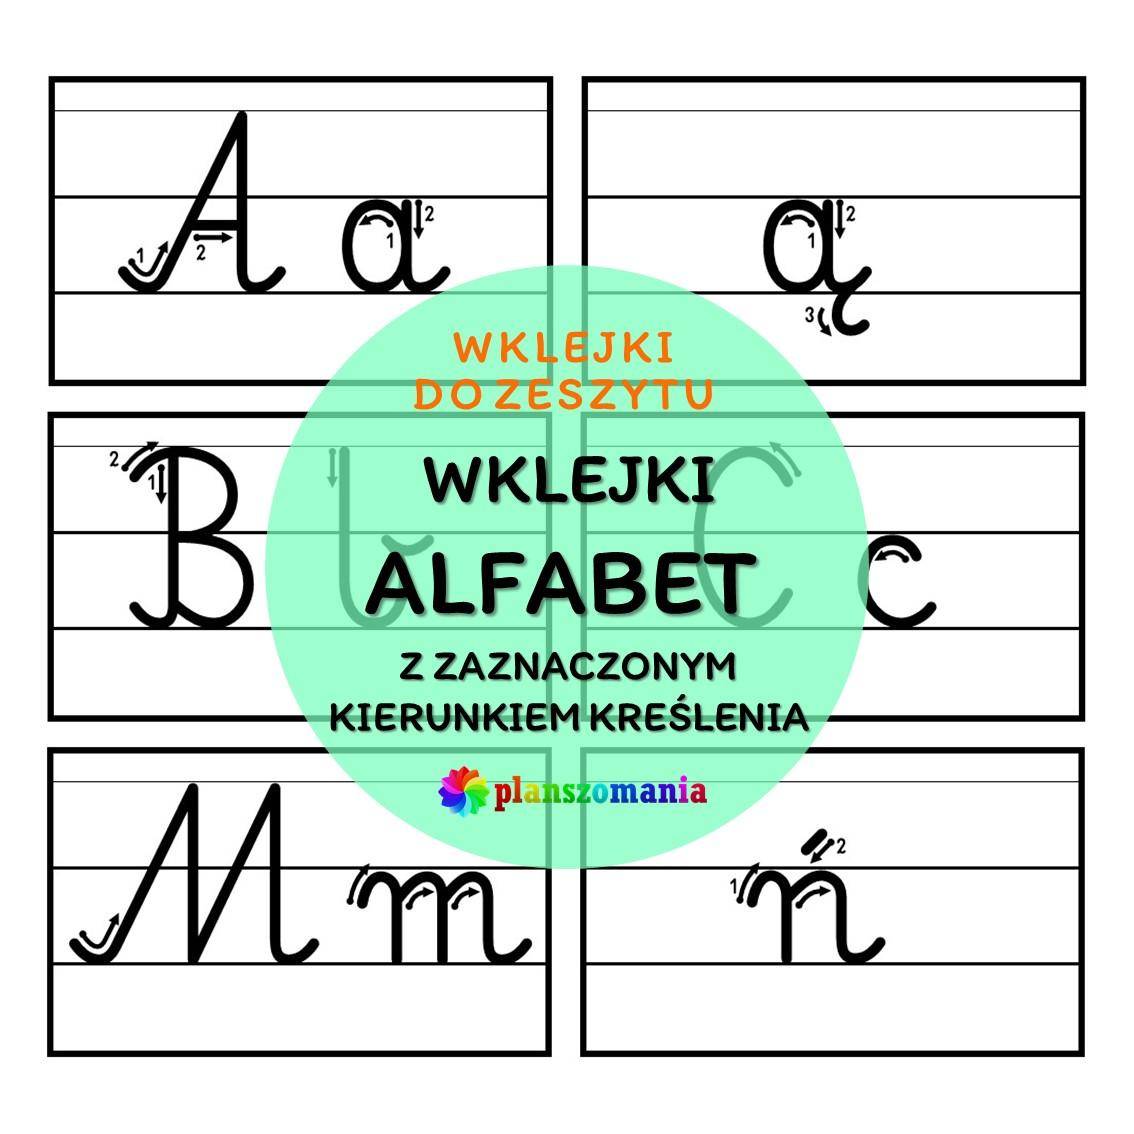 wklejki do zeszytu wklejki do pierwszej klasy pdf alfabet ze strzałkami